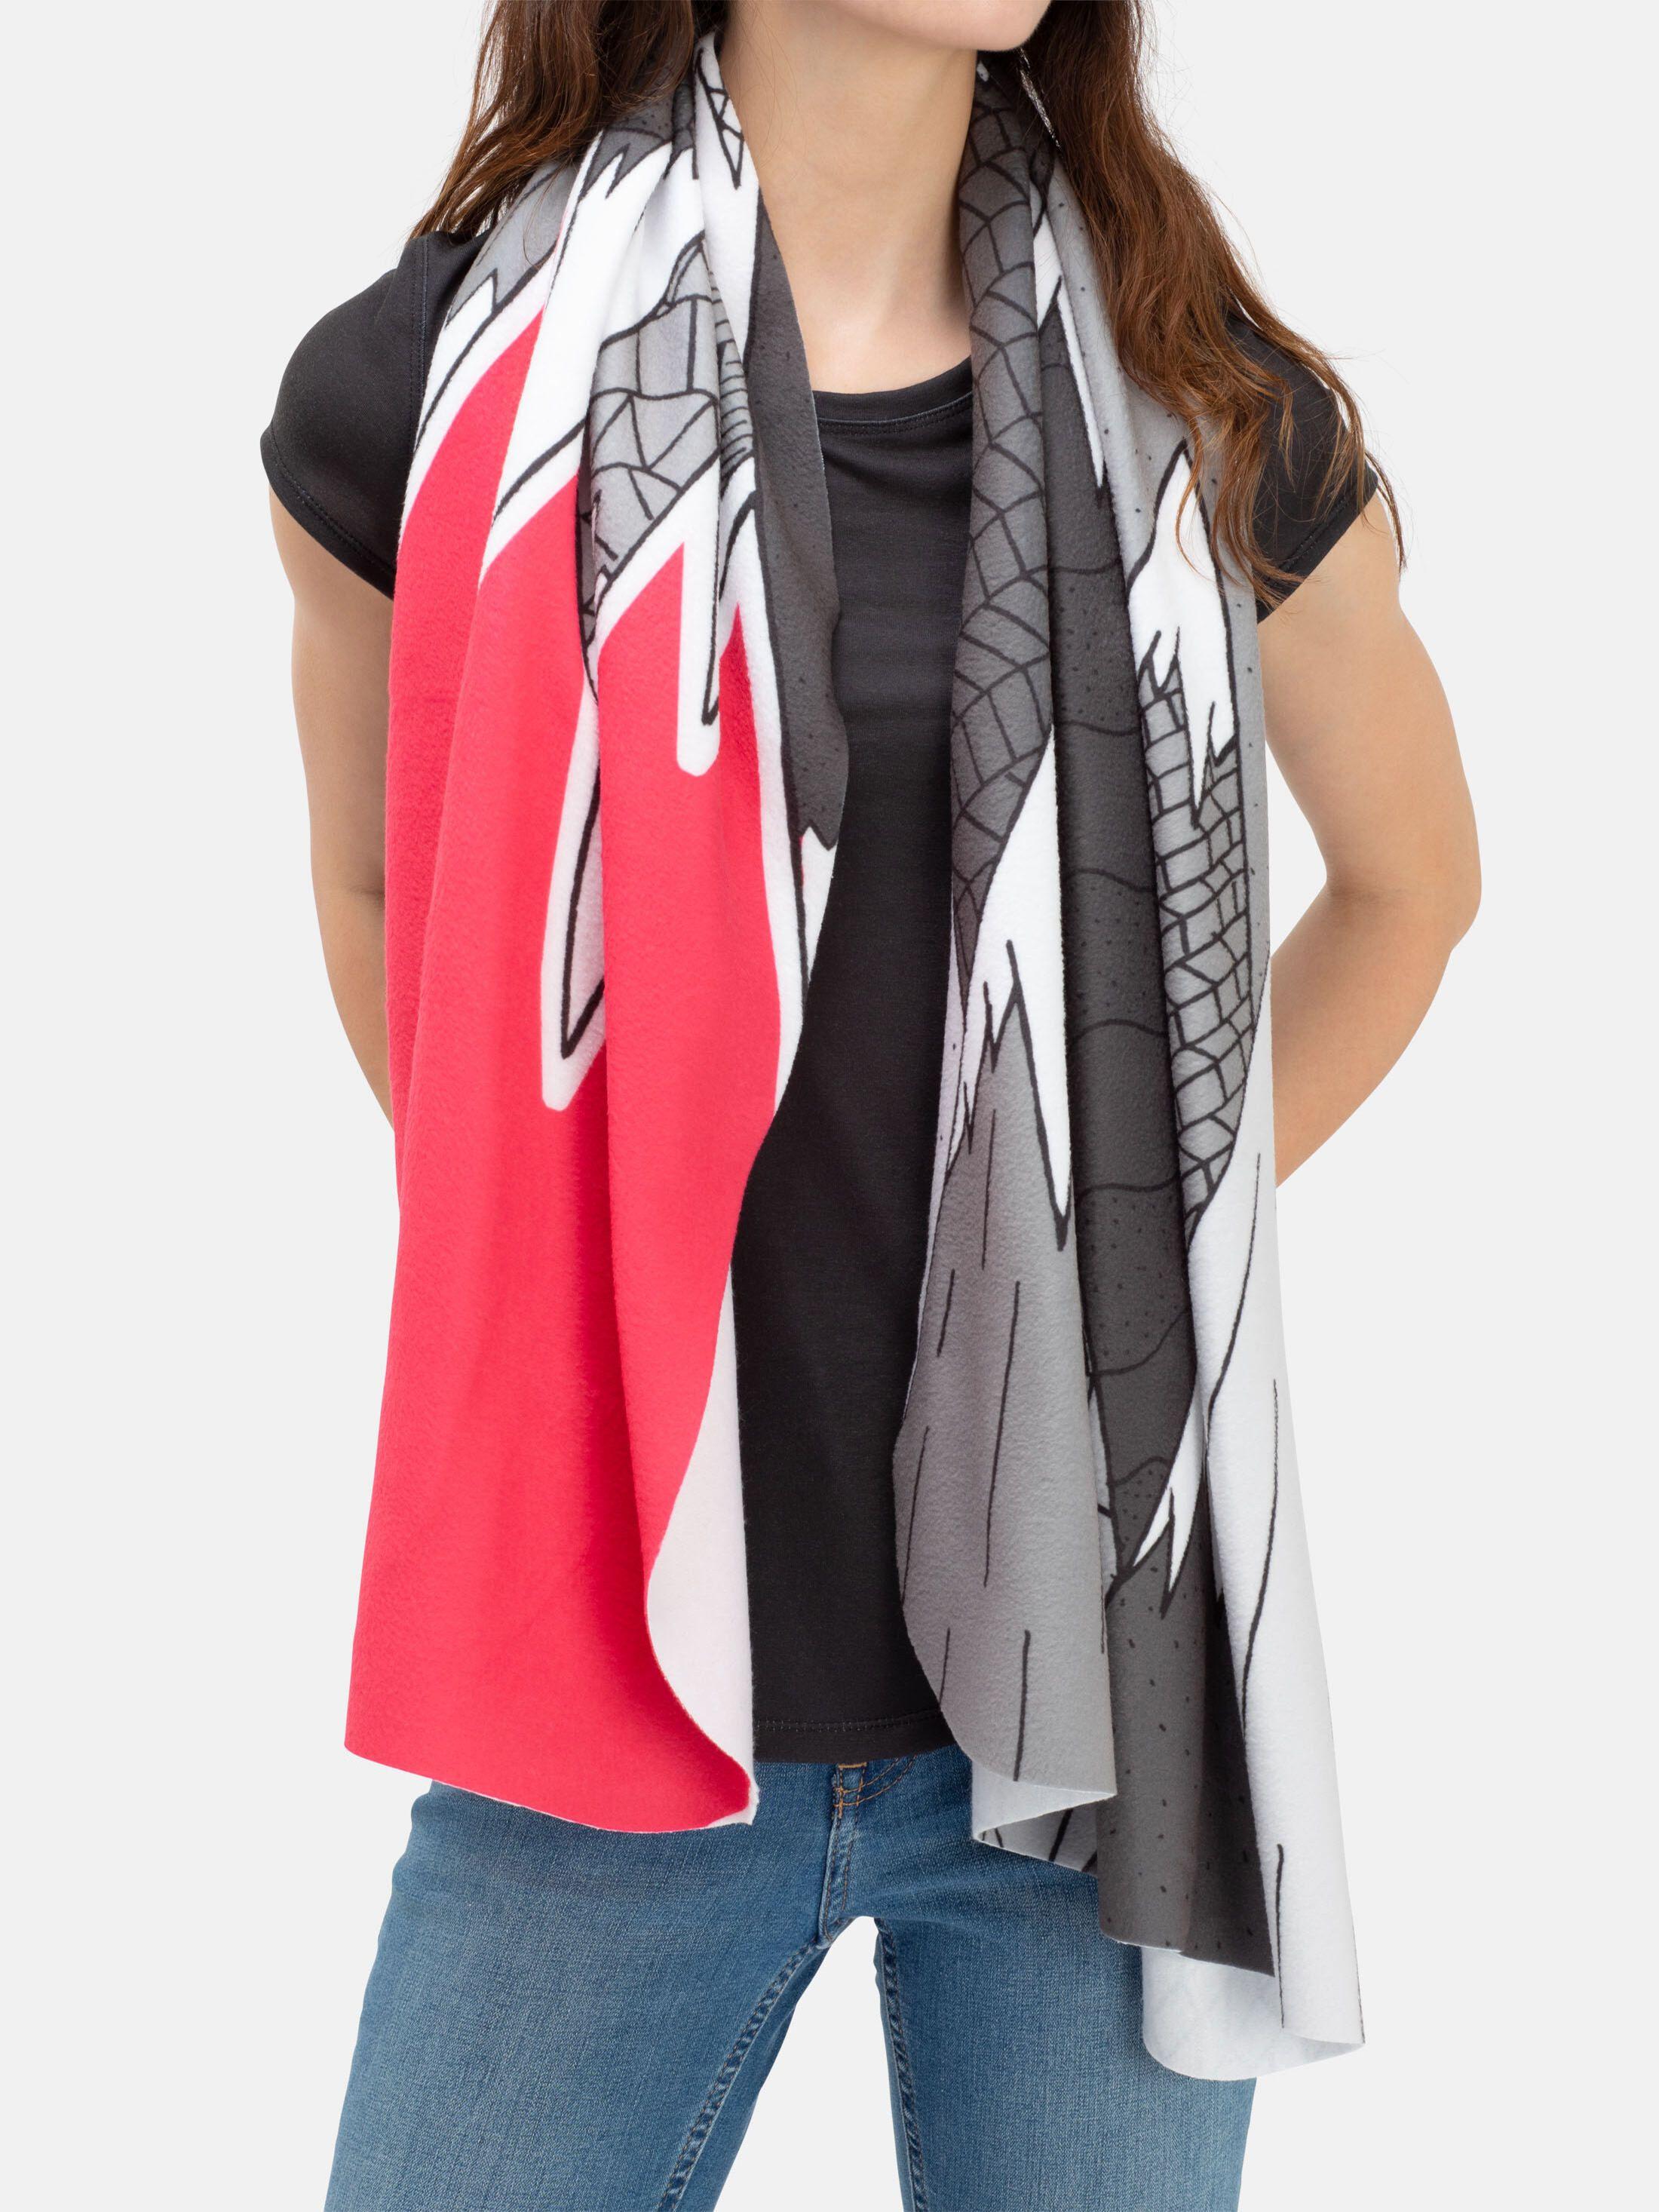 personalised blanket scarf pattern